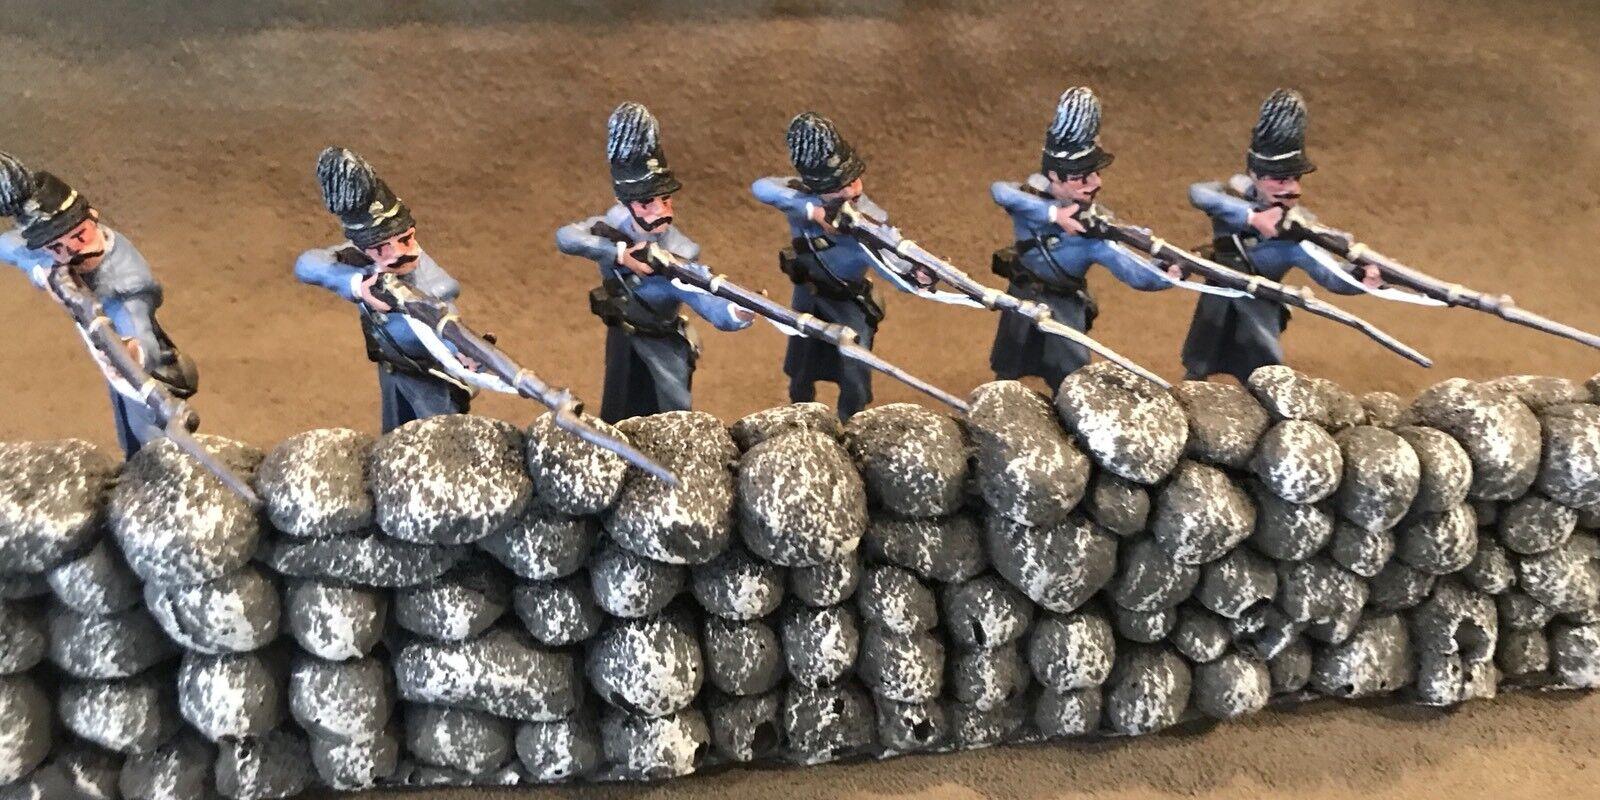 Union probanden mit mit mit shakos, feuer,   10, reihe 6, 54mm skala metall d82bb9